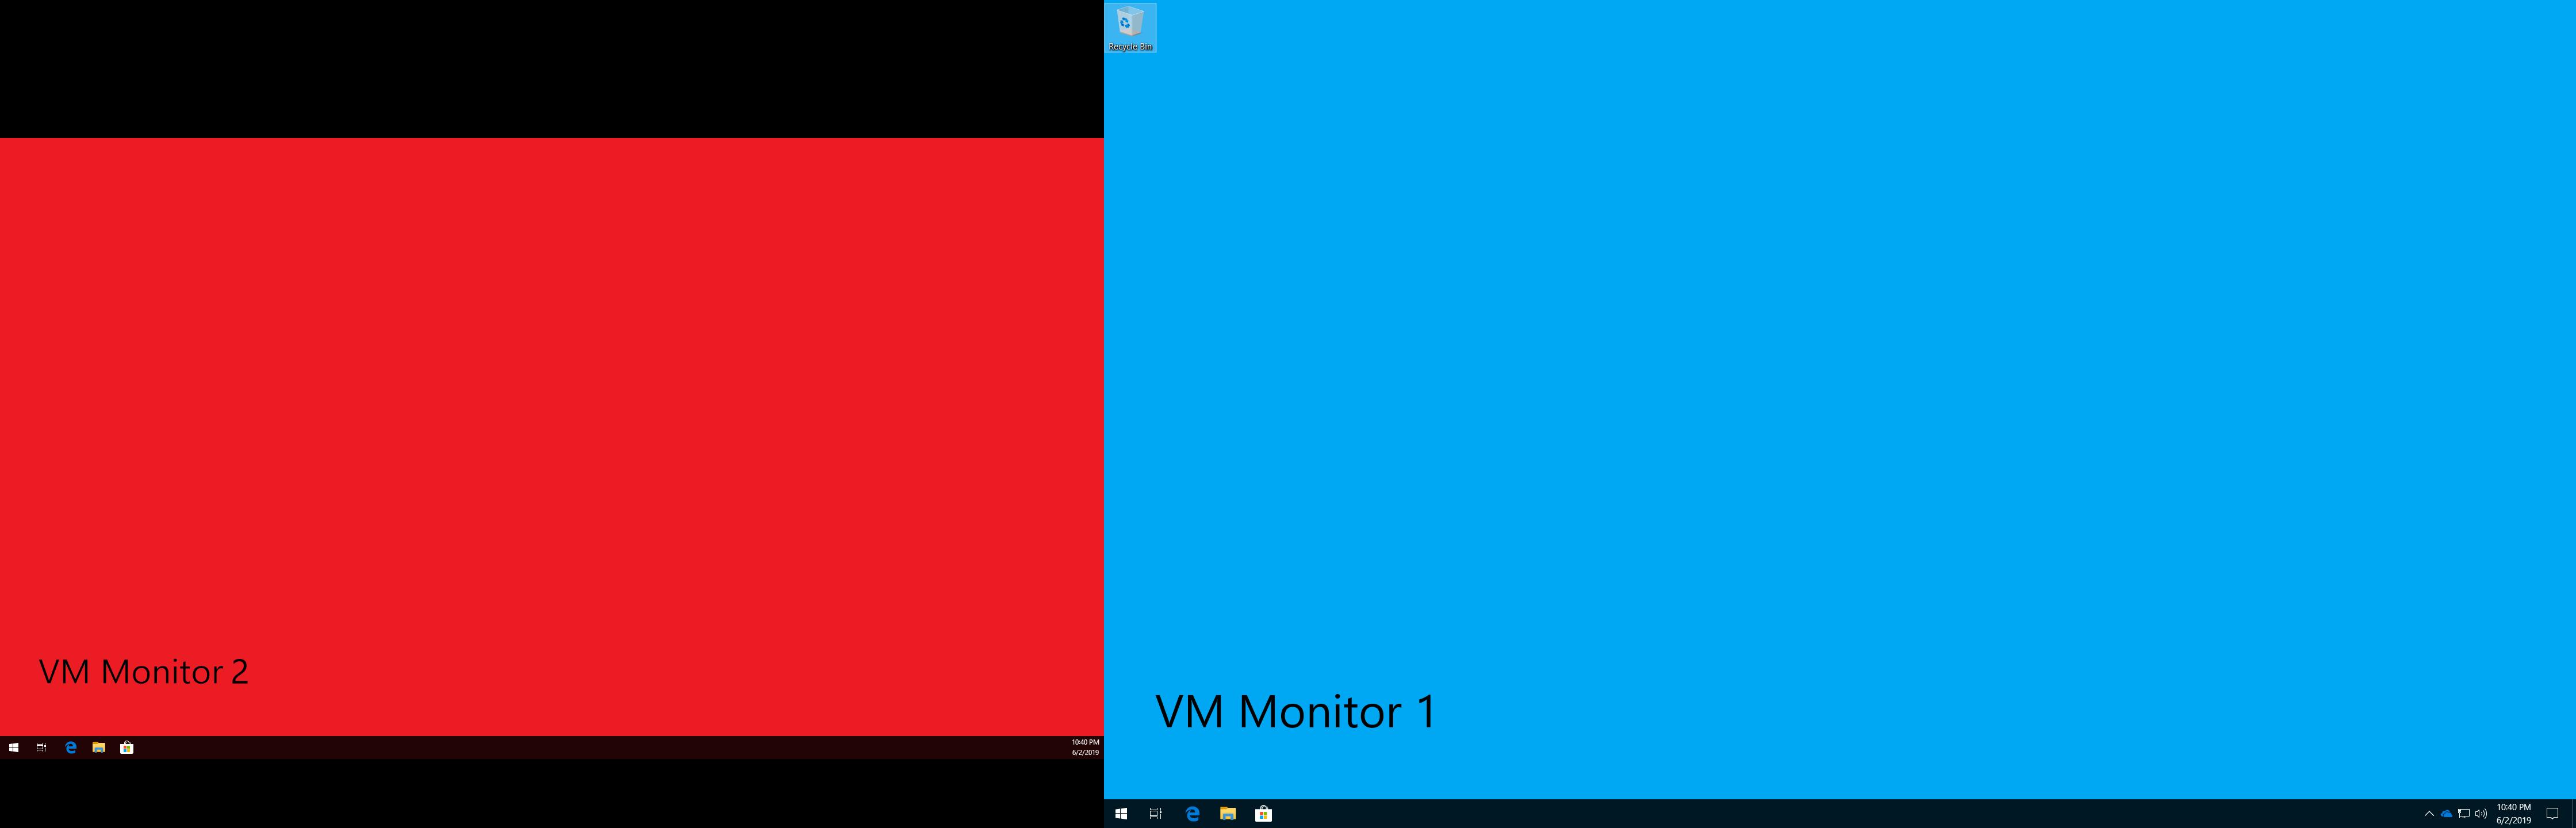 VM going full screen